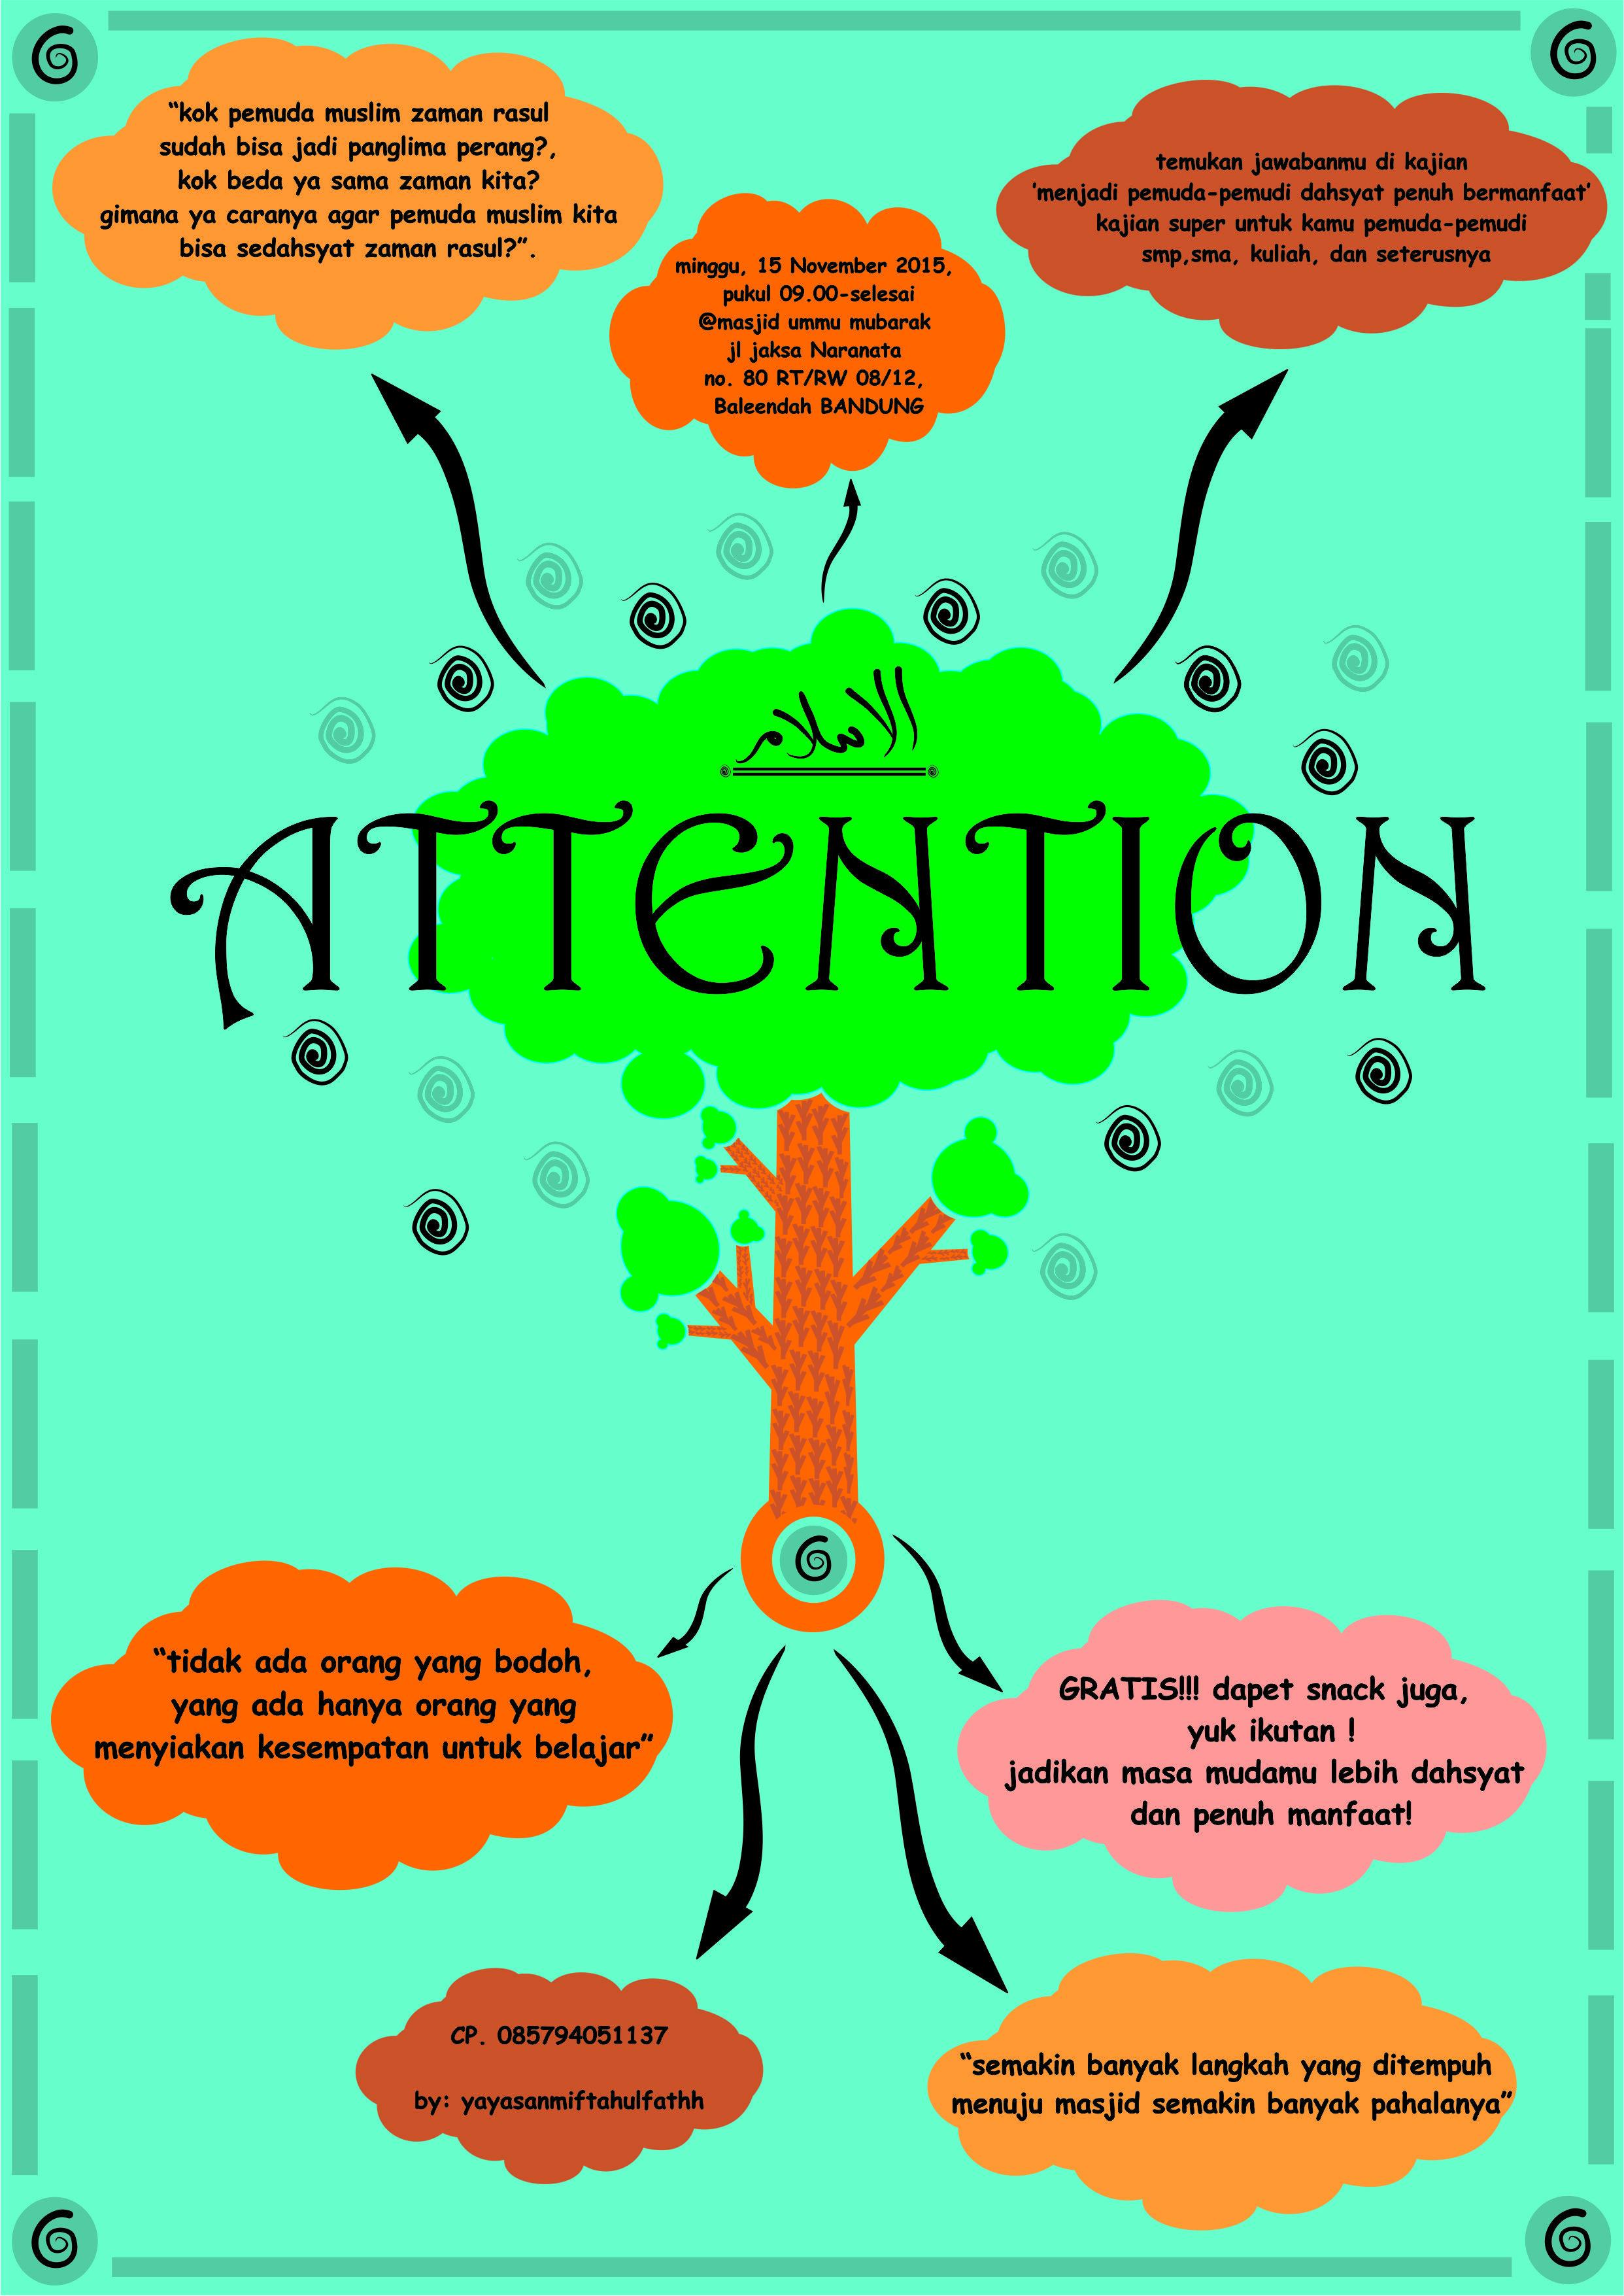 poster untuk acara kajian islam miftahulfath(1)   Smp ...